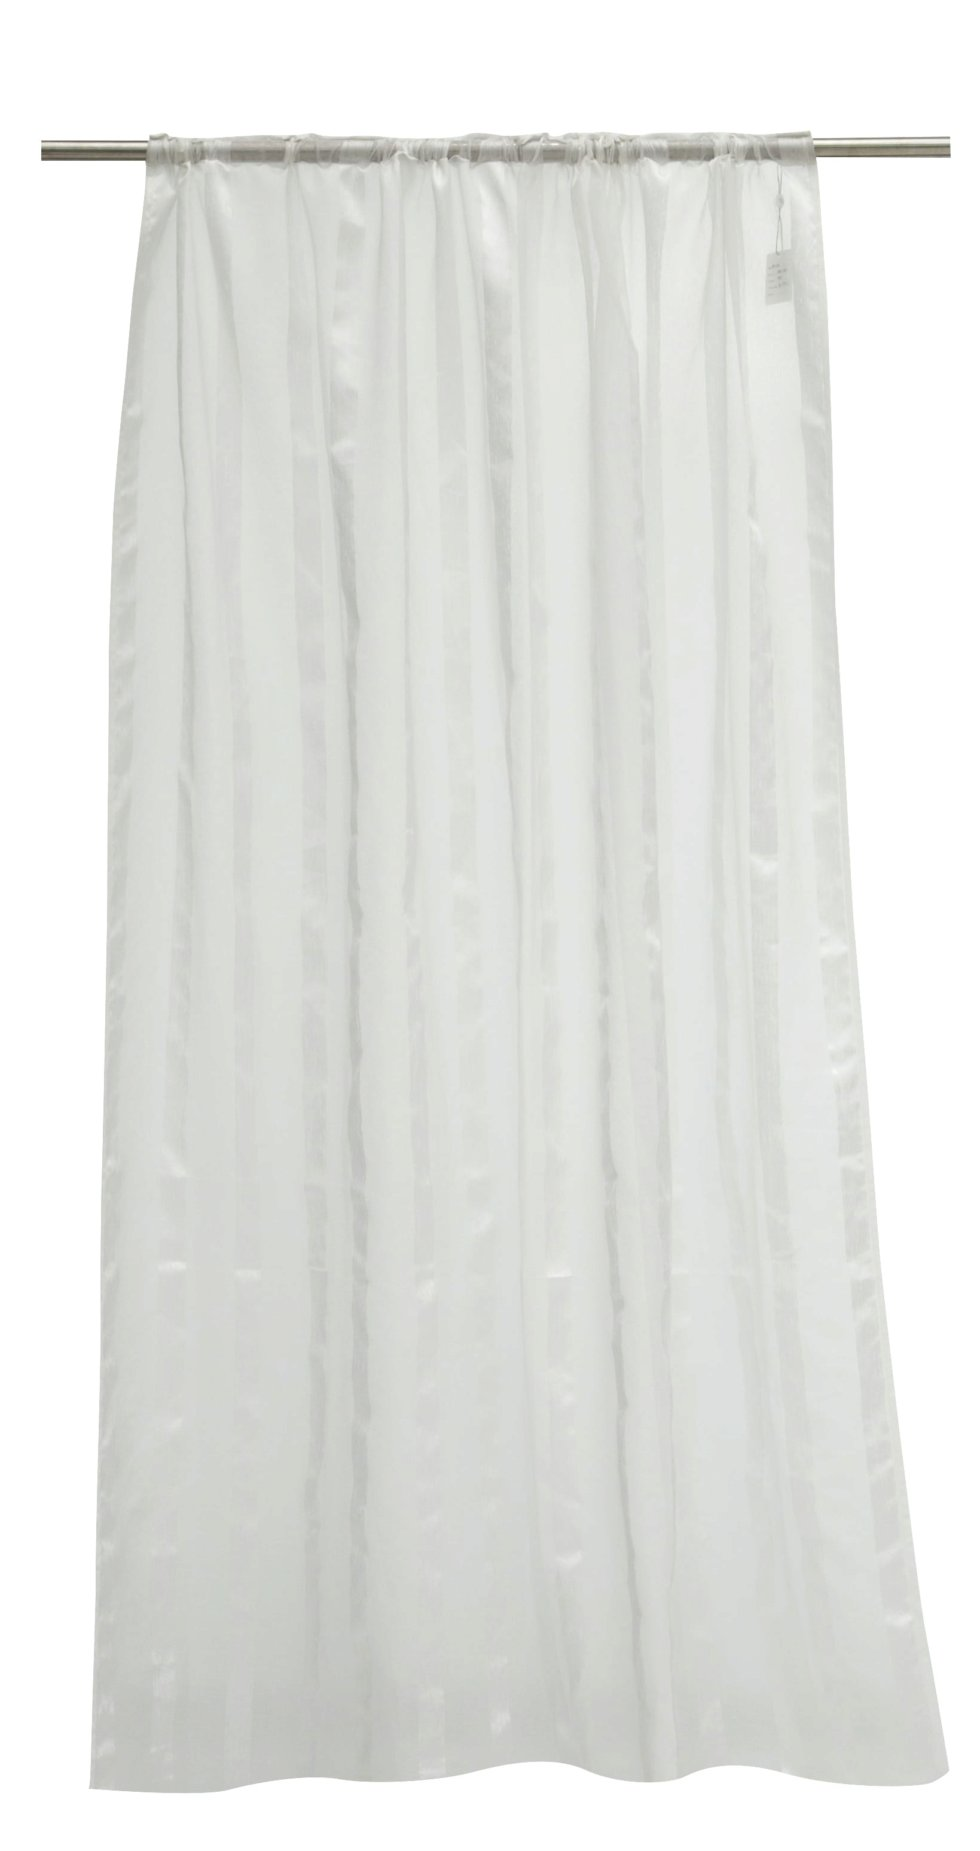 Тюль на ленте «Charters Towers», 160х260 см, вуаль, цвет кремовый